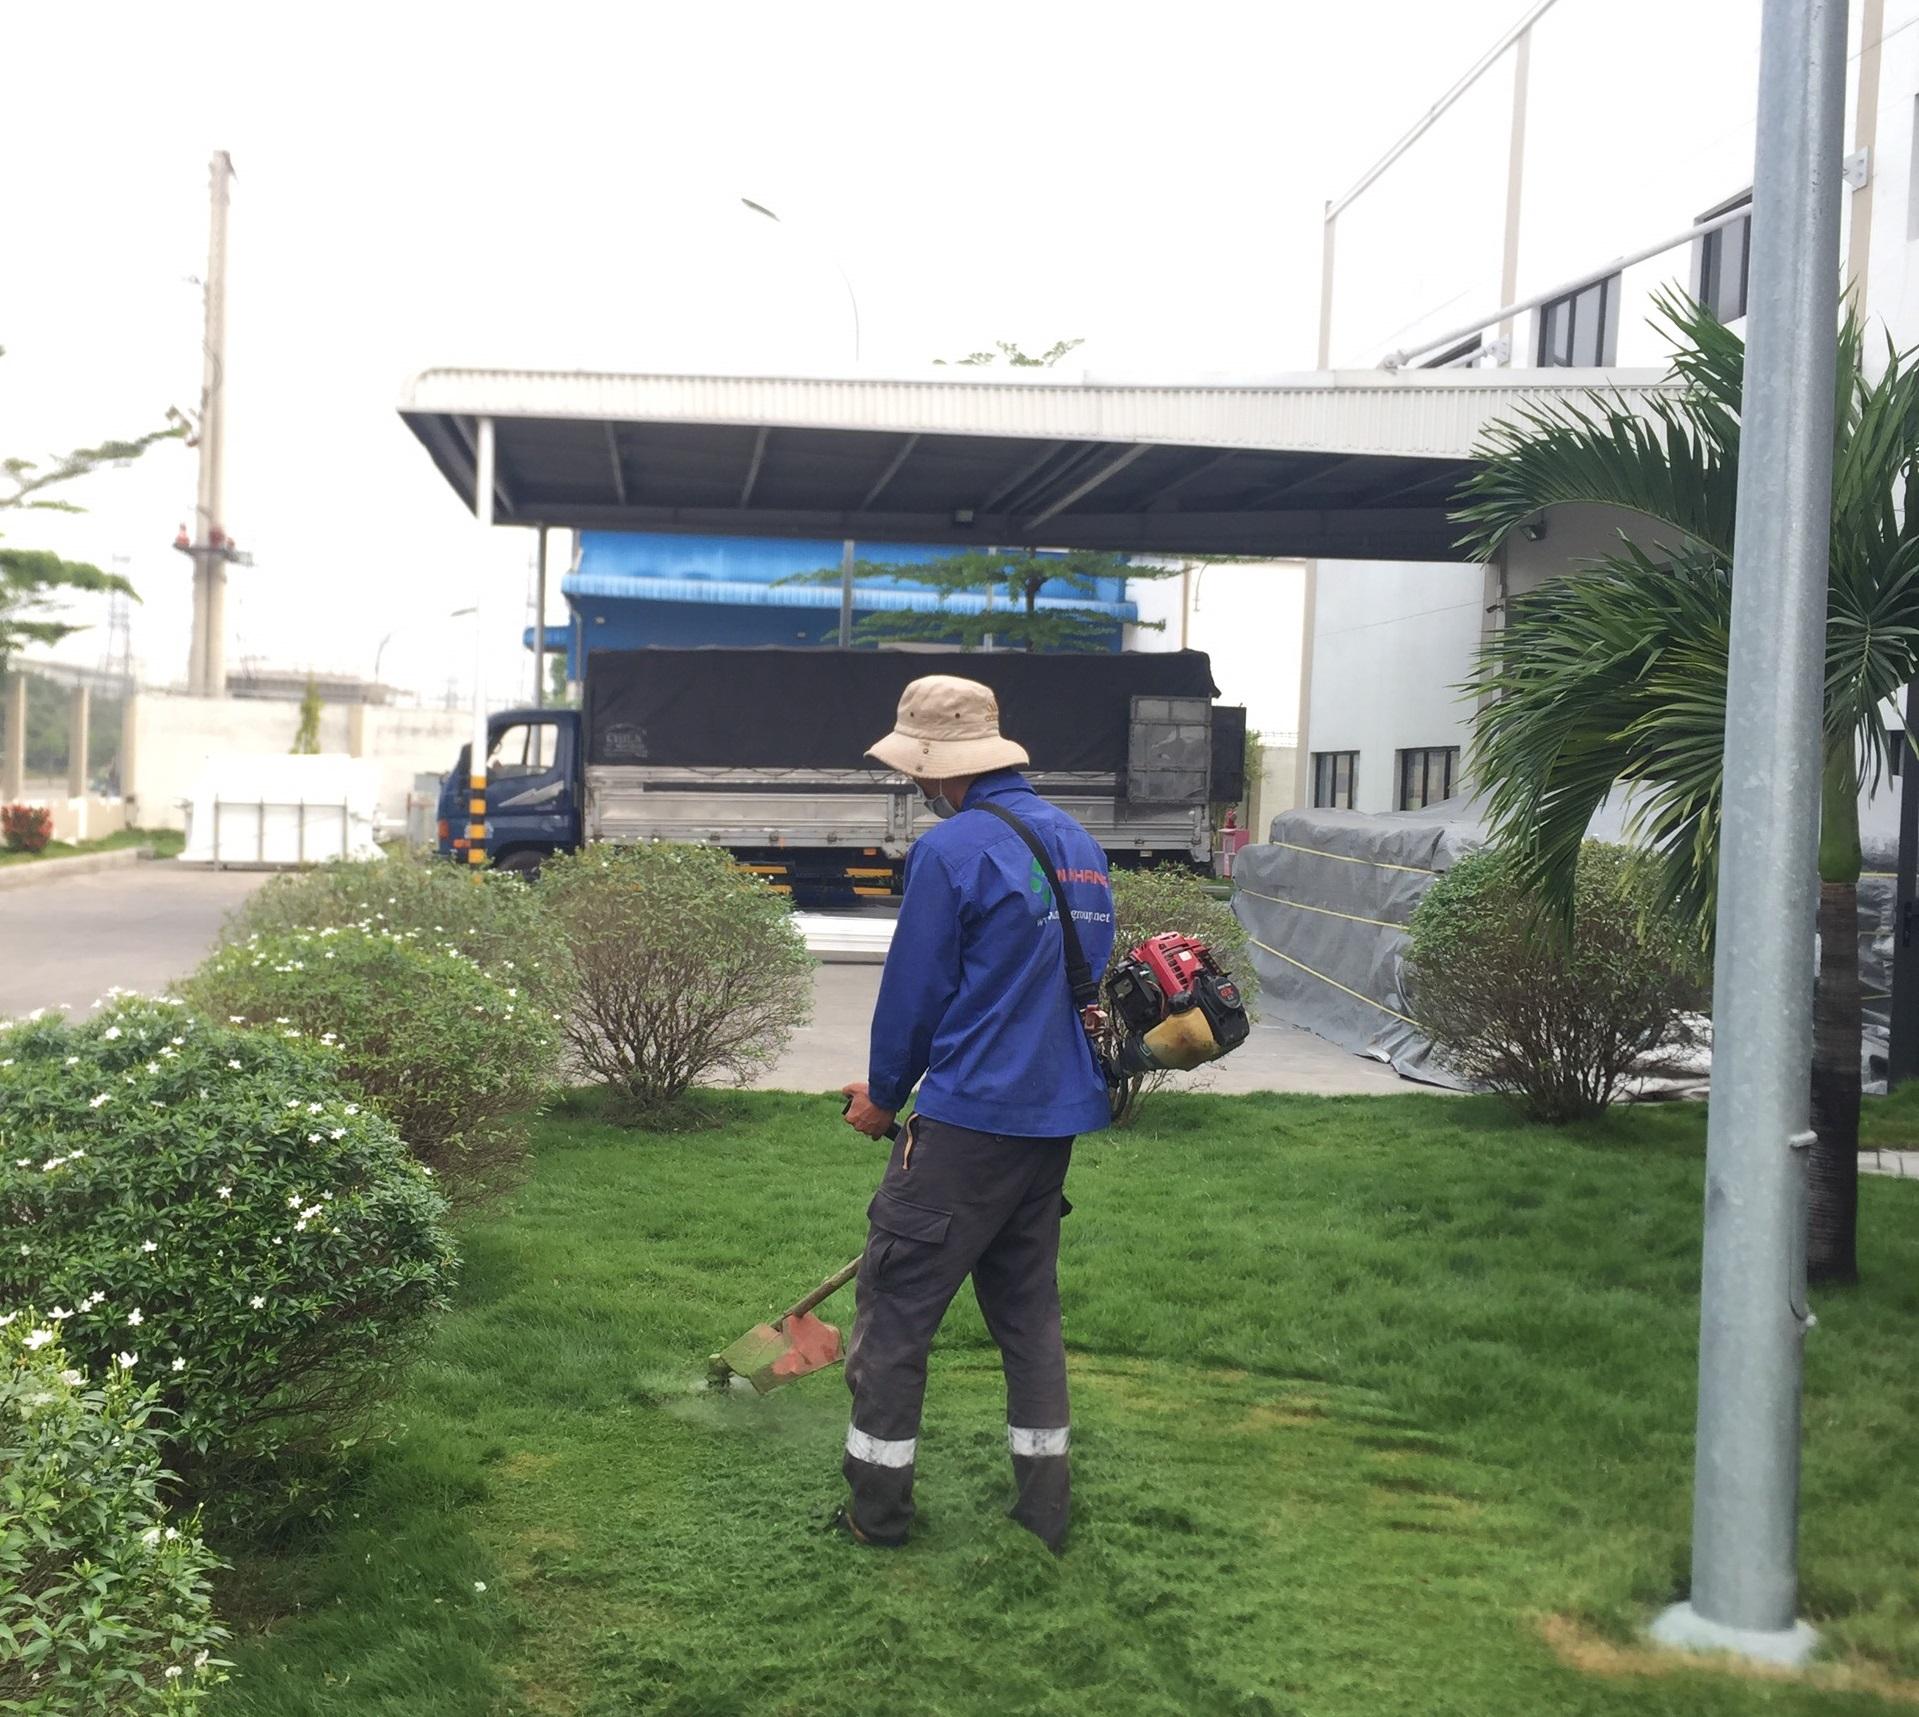 Dịch vụ phát hoang cỏ dại khu công nghiệp Mỹ Phước 3